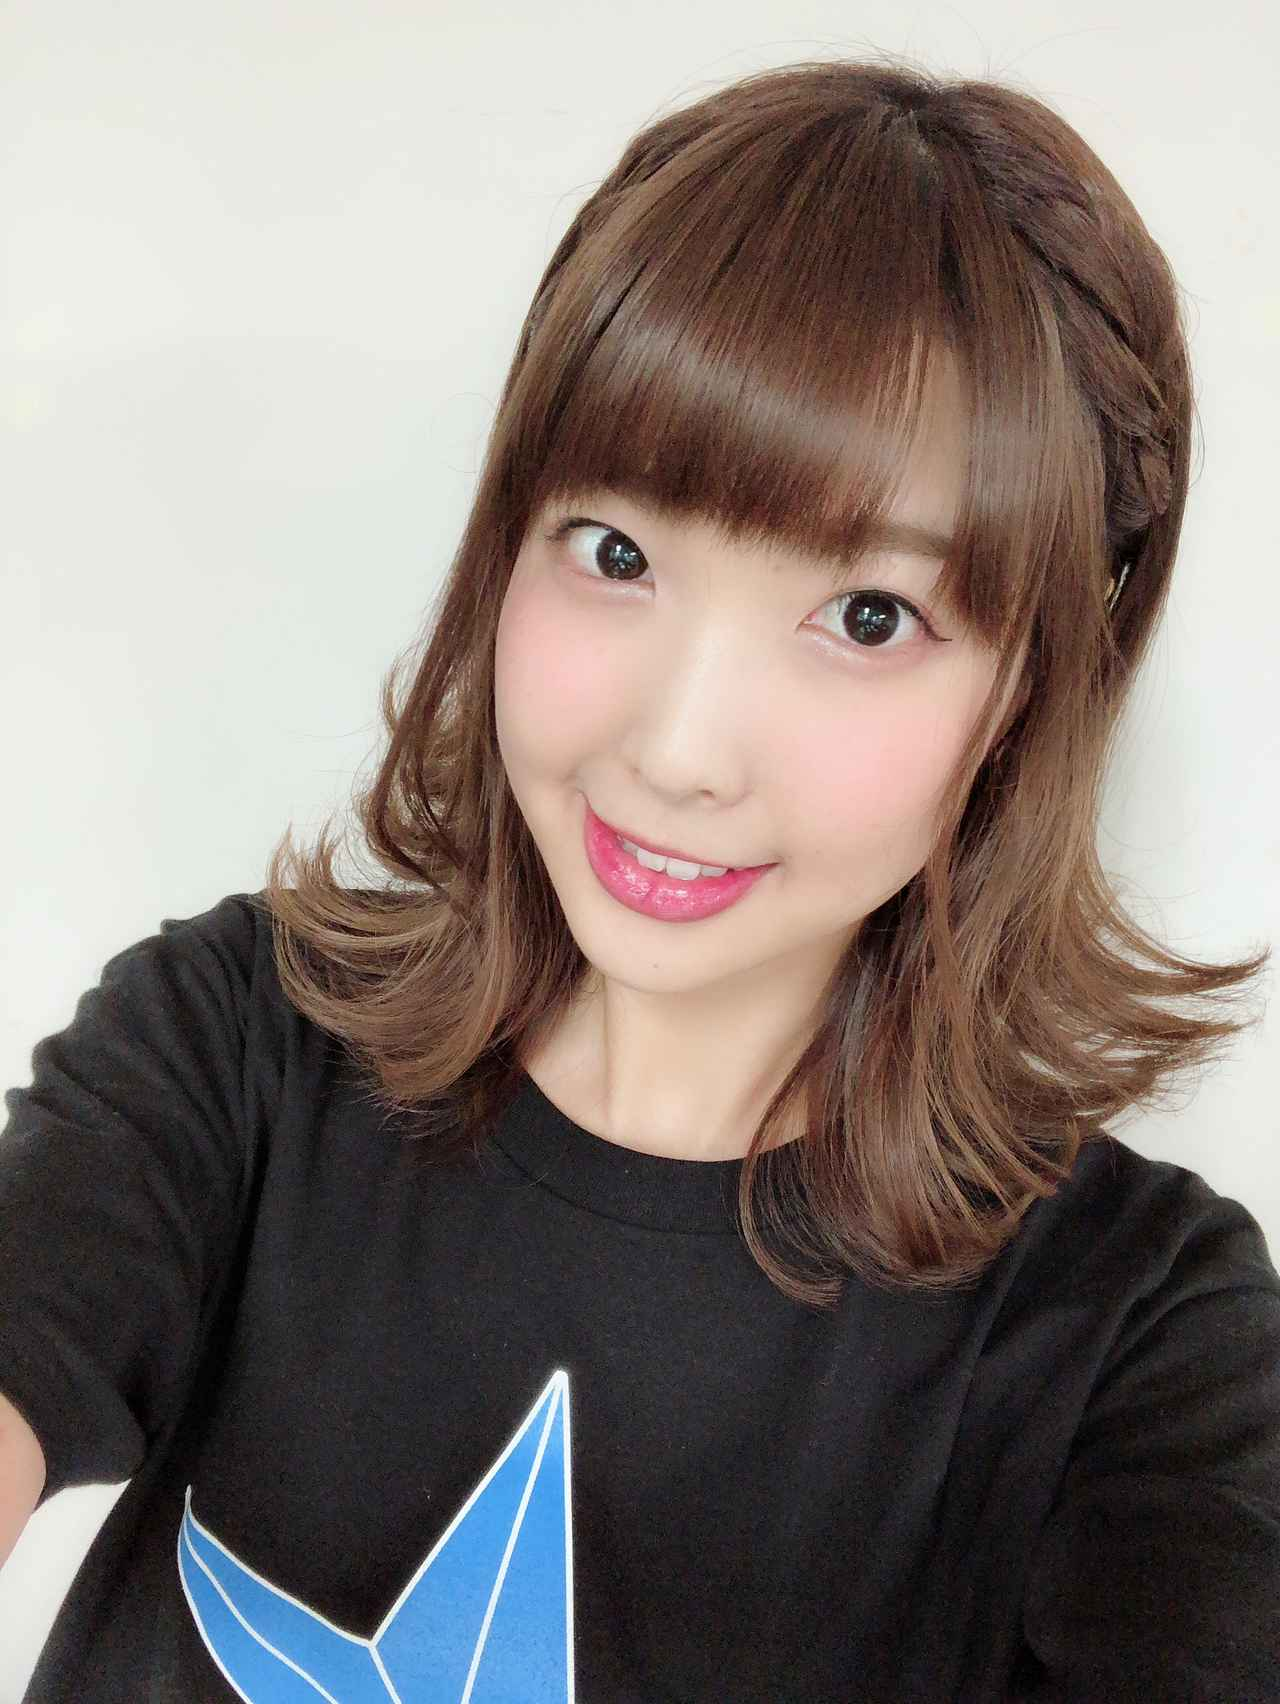 画像3: 【西田望見のA Little♡Rider】 はじめまして!声優の西田望見です